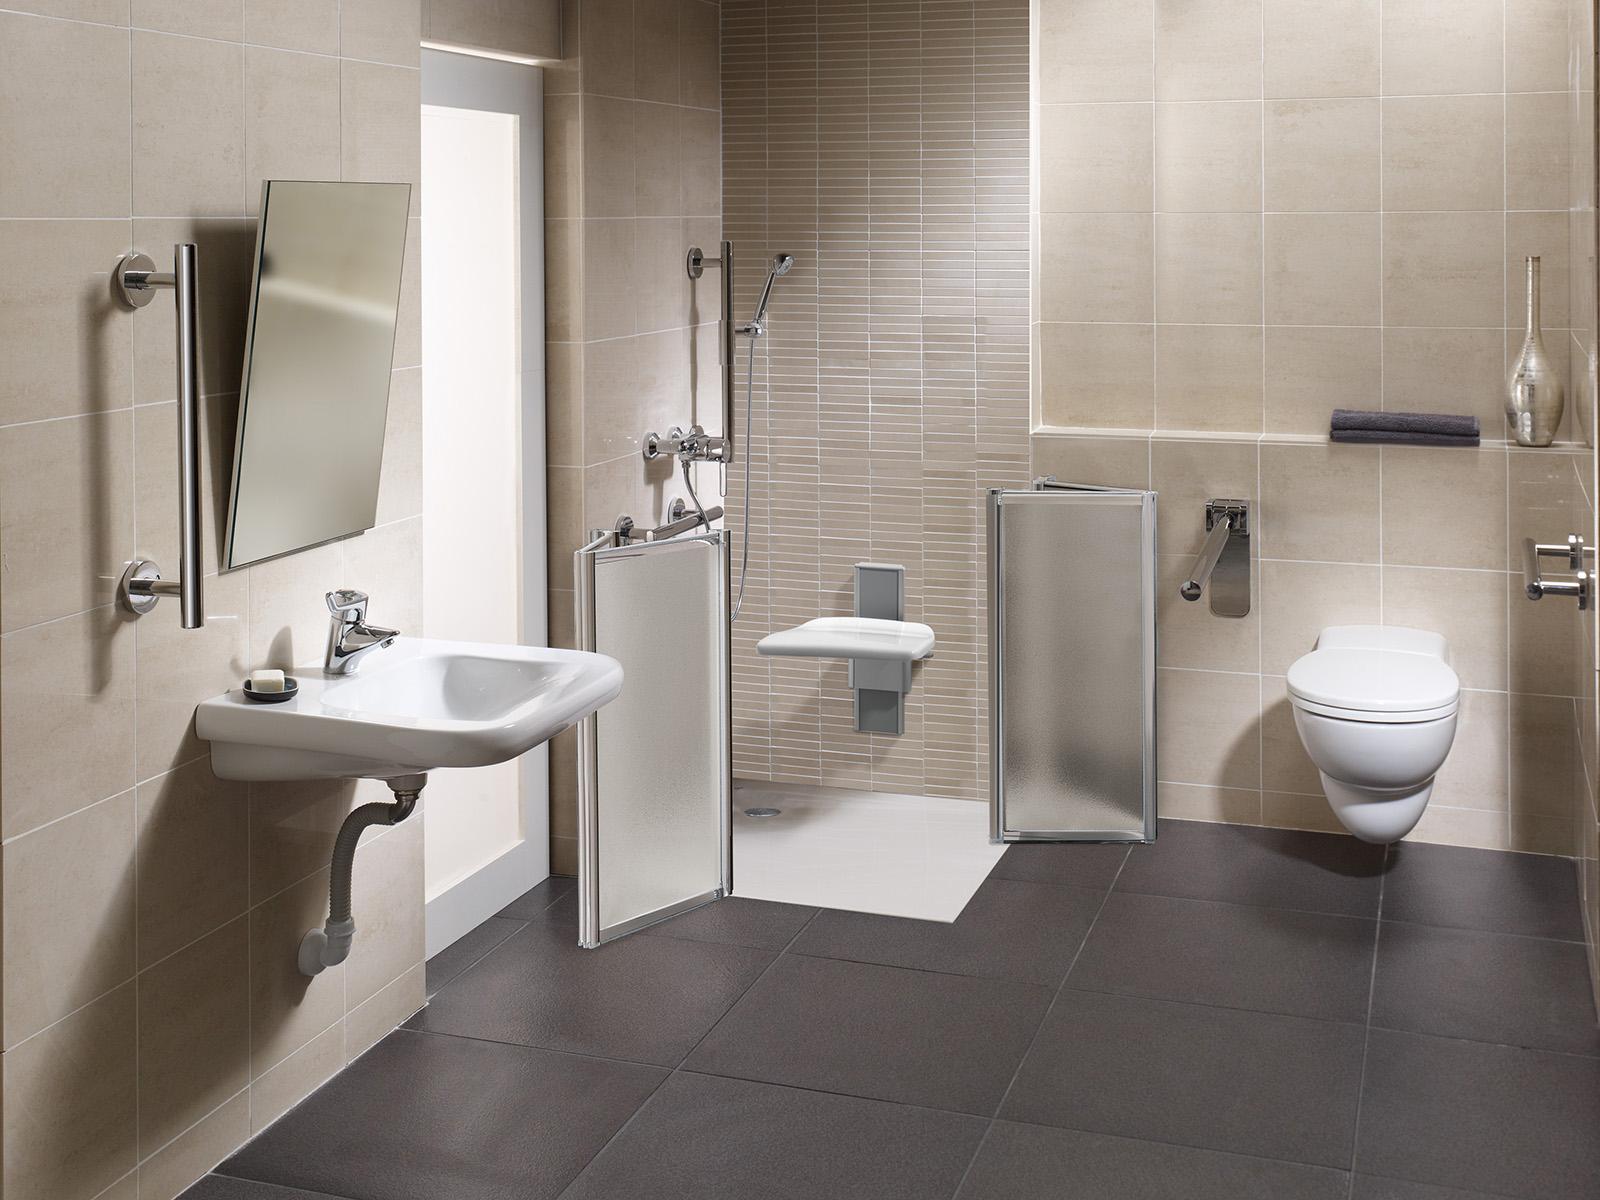 Gallery sanitari ideal standard daripa lecce - Bagno barriere architettoniche ...